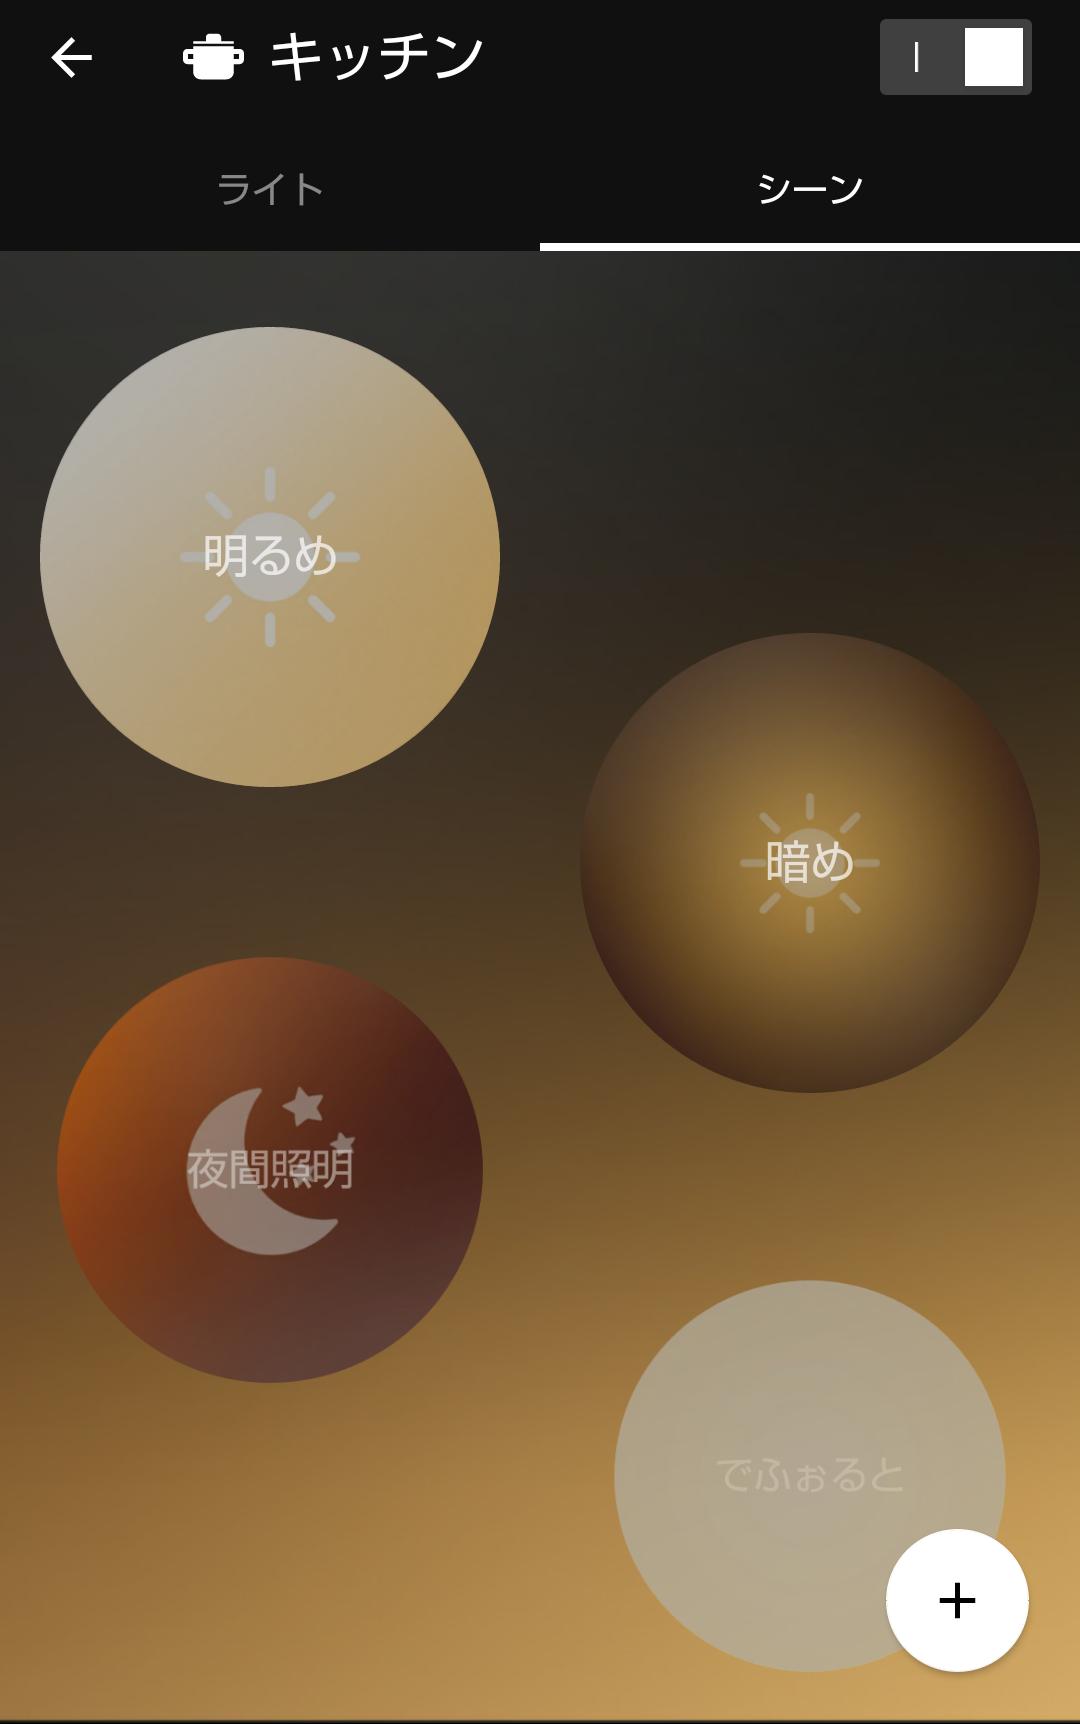 全ての電球に共通して、光の強さ自由に変えることができます。